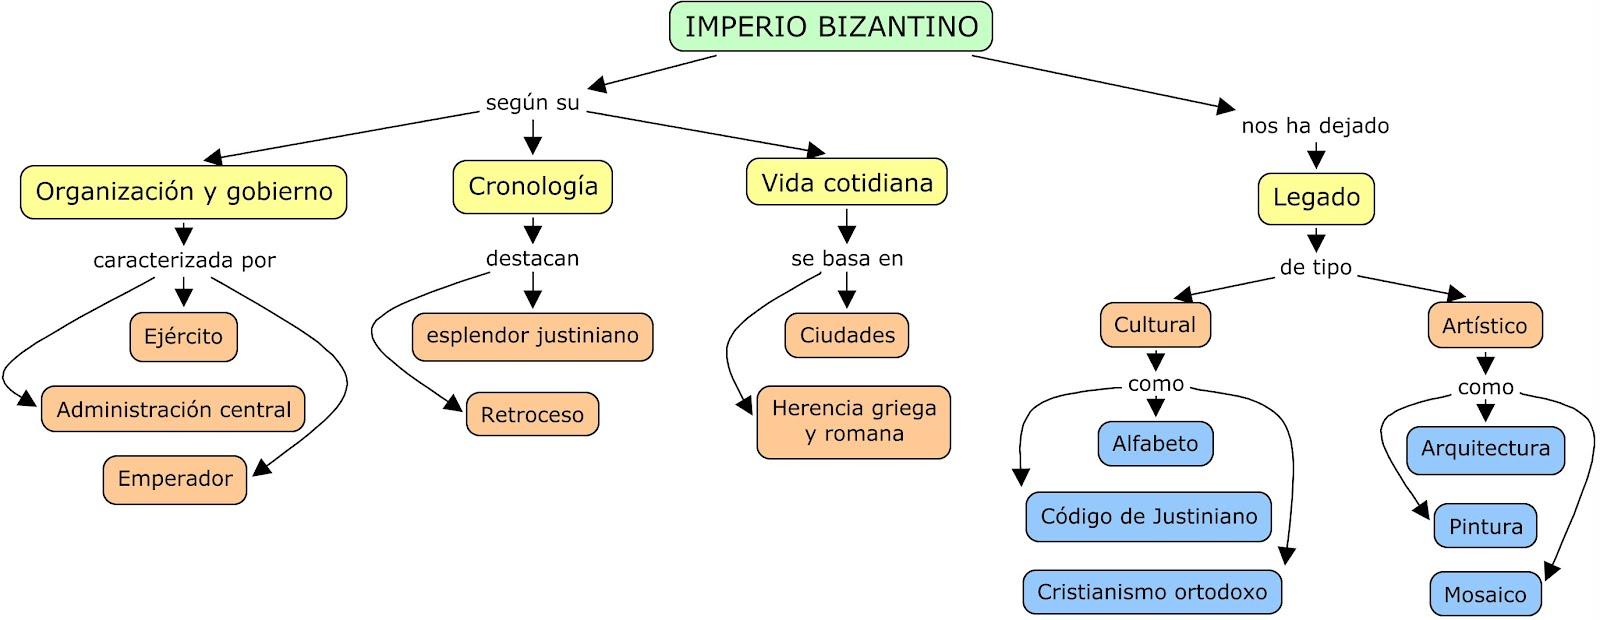 26. Imperio Bizantino (esquema)